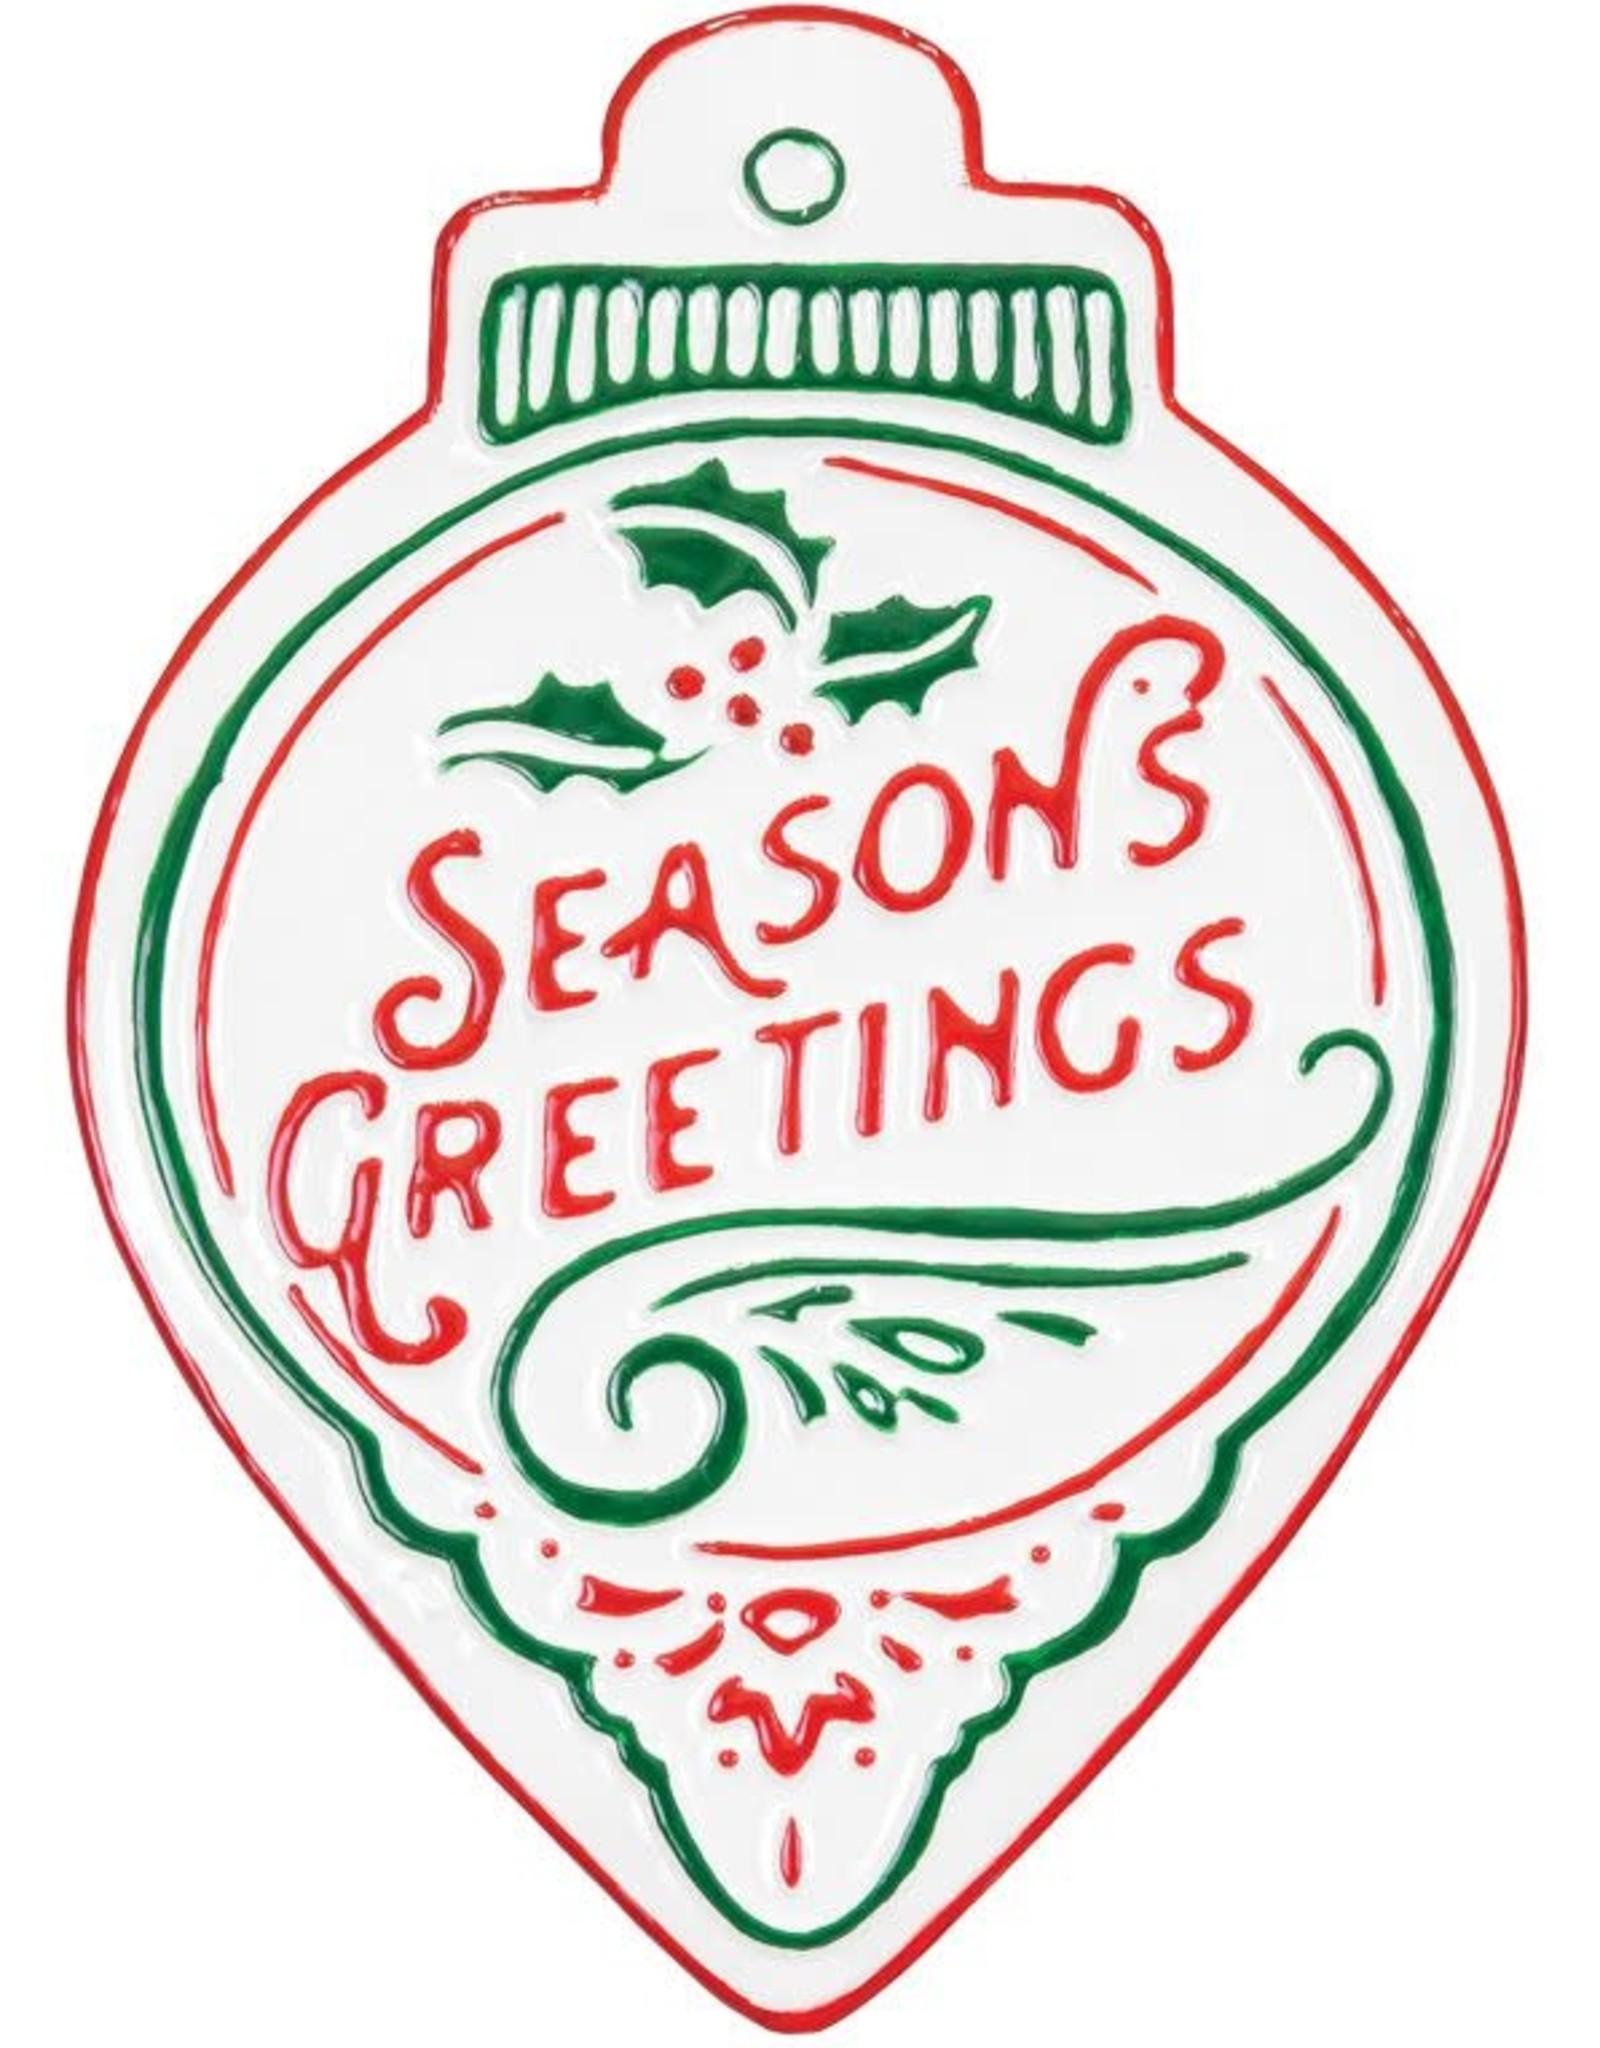 Wink Seasons Greetings Metal Ornament Wall Hanger